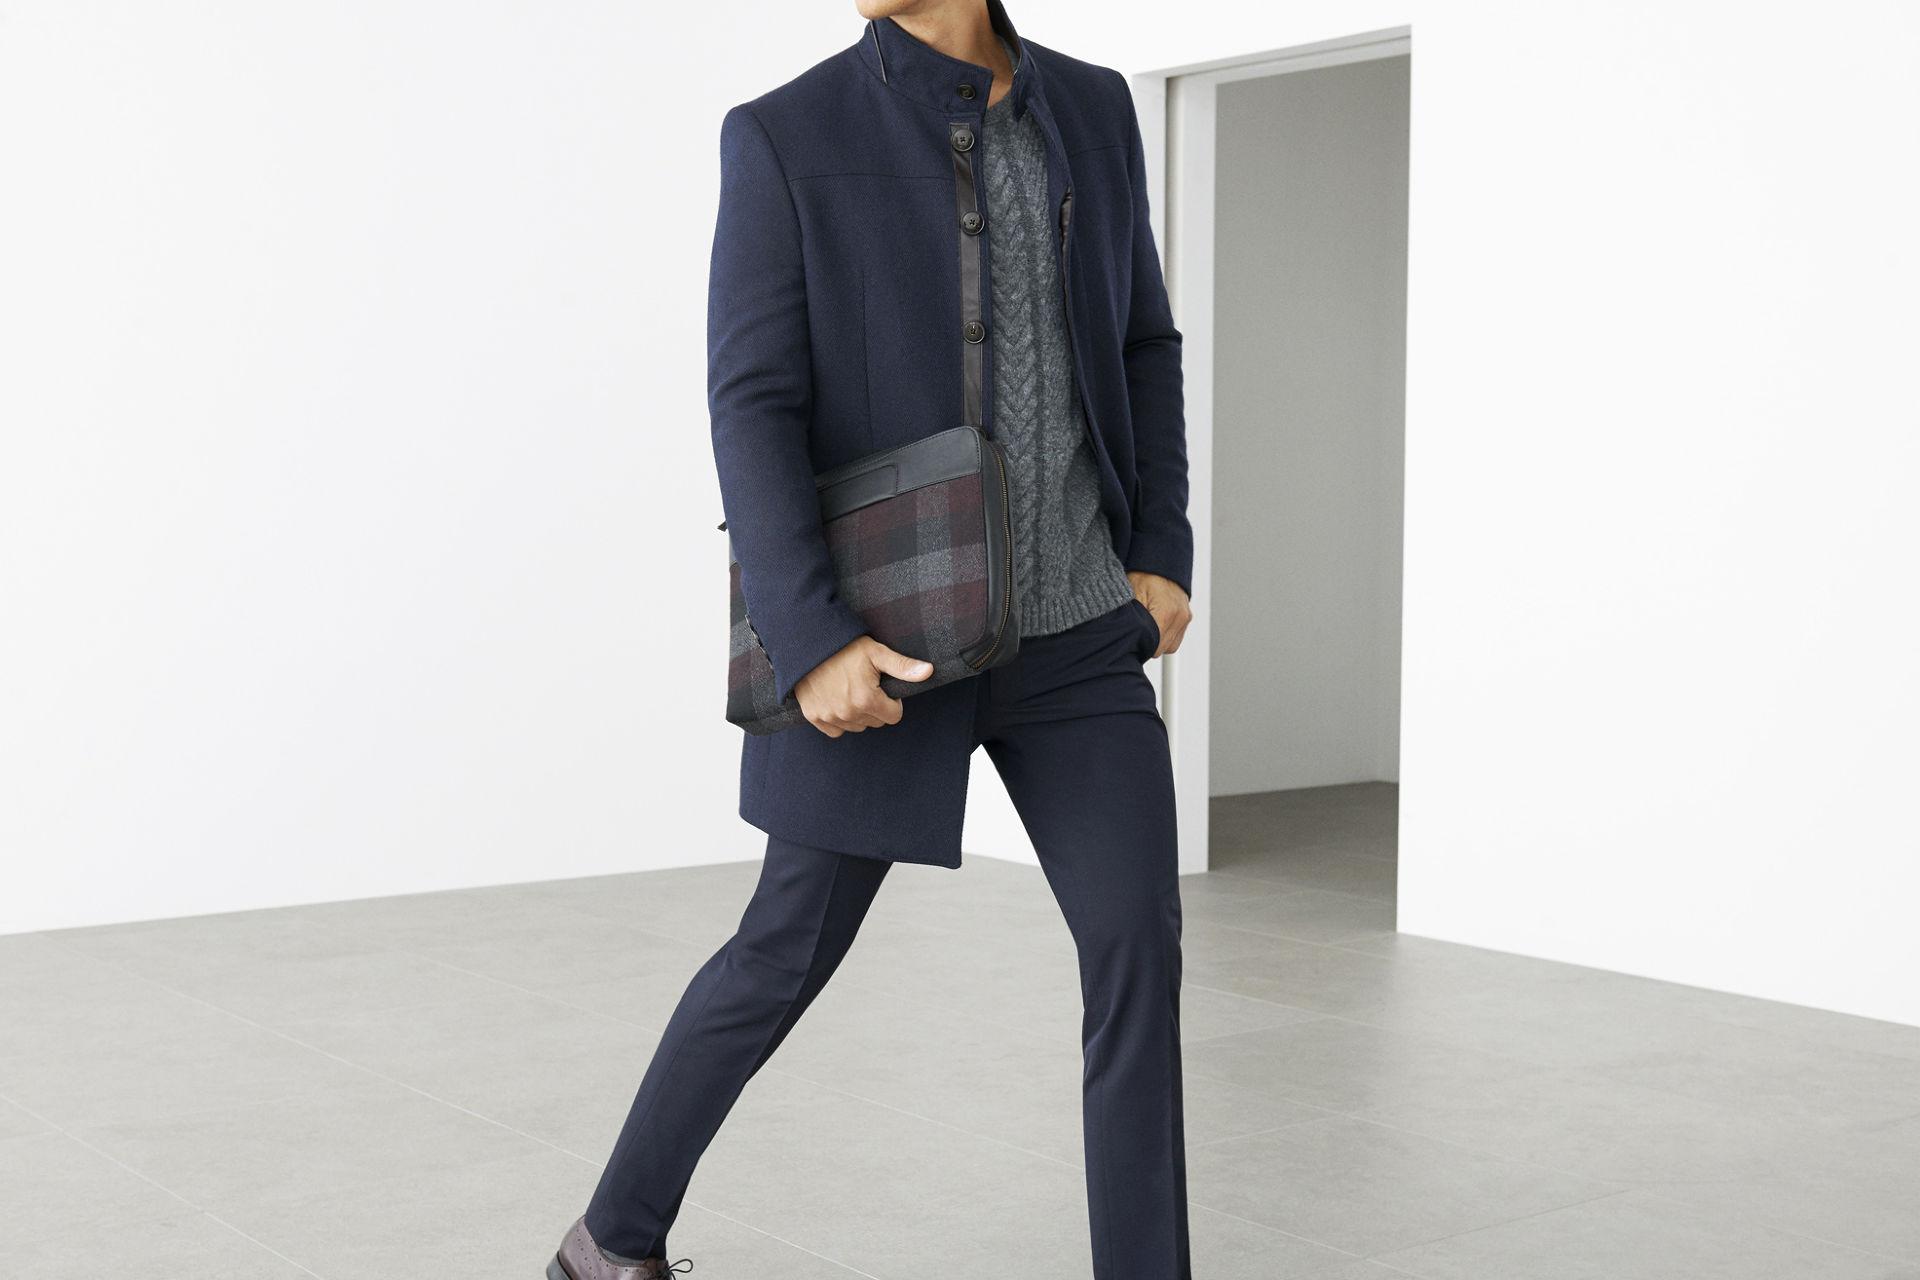 ZARA september lookbook for men 2013